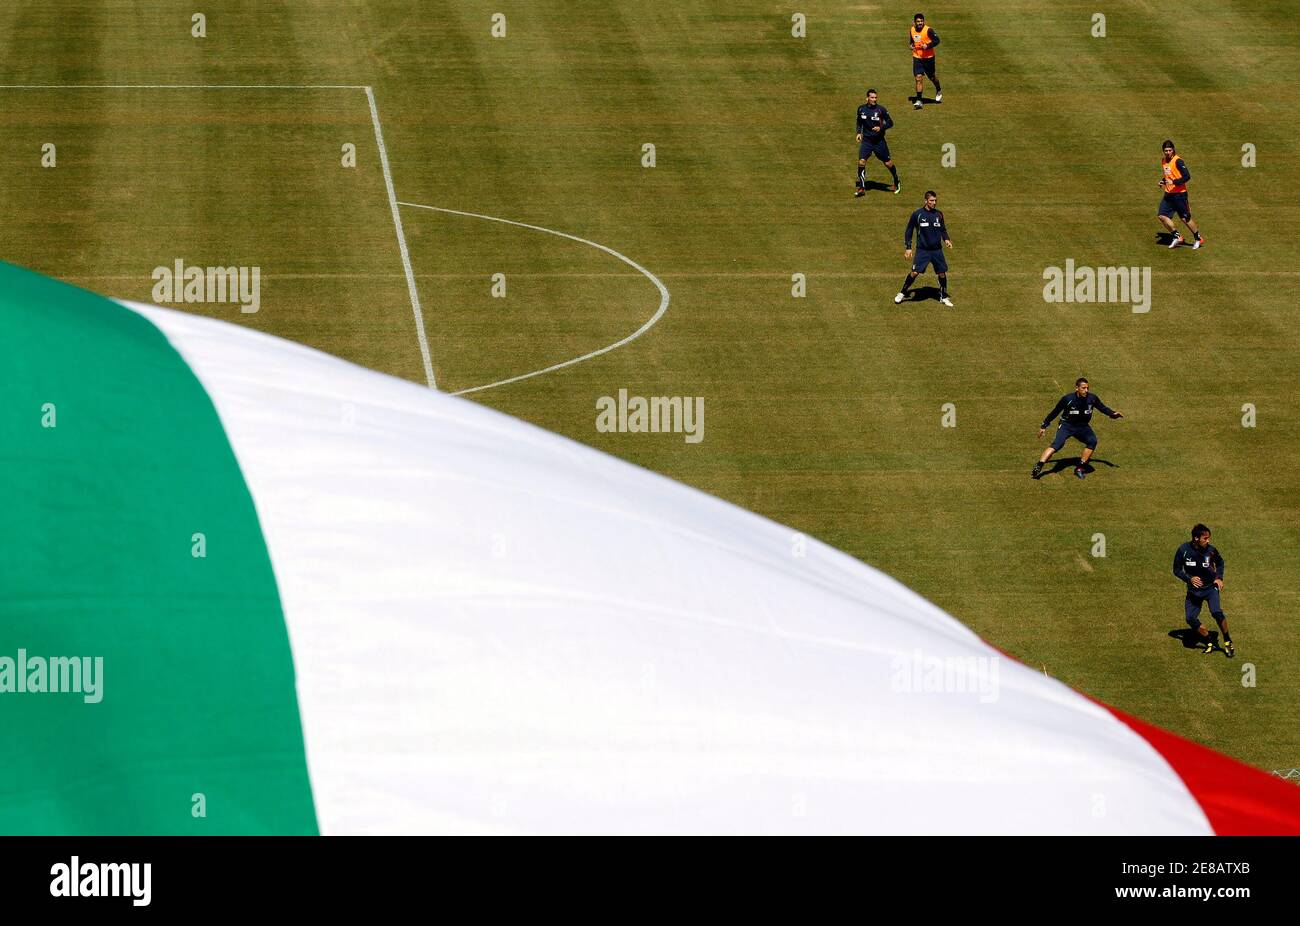 Eine italienische Nationalflagge fliegt, während Italiens Fußballspieler während eines morgendlichen Trainings in Sestriere am 24. Mai 2010 trainieren. REUTERS/Alessandro Bianchi (ITALIEN - TAGS: SPORT FUSSBALL WM BILDER DES TAGES) Stockfoto